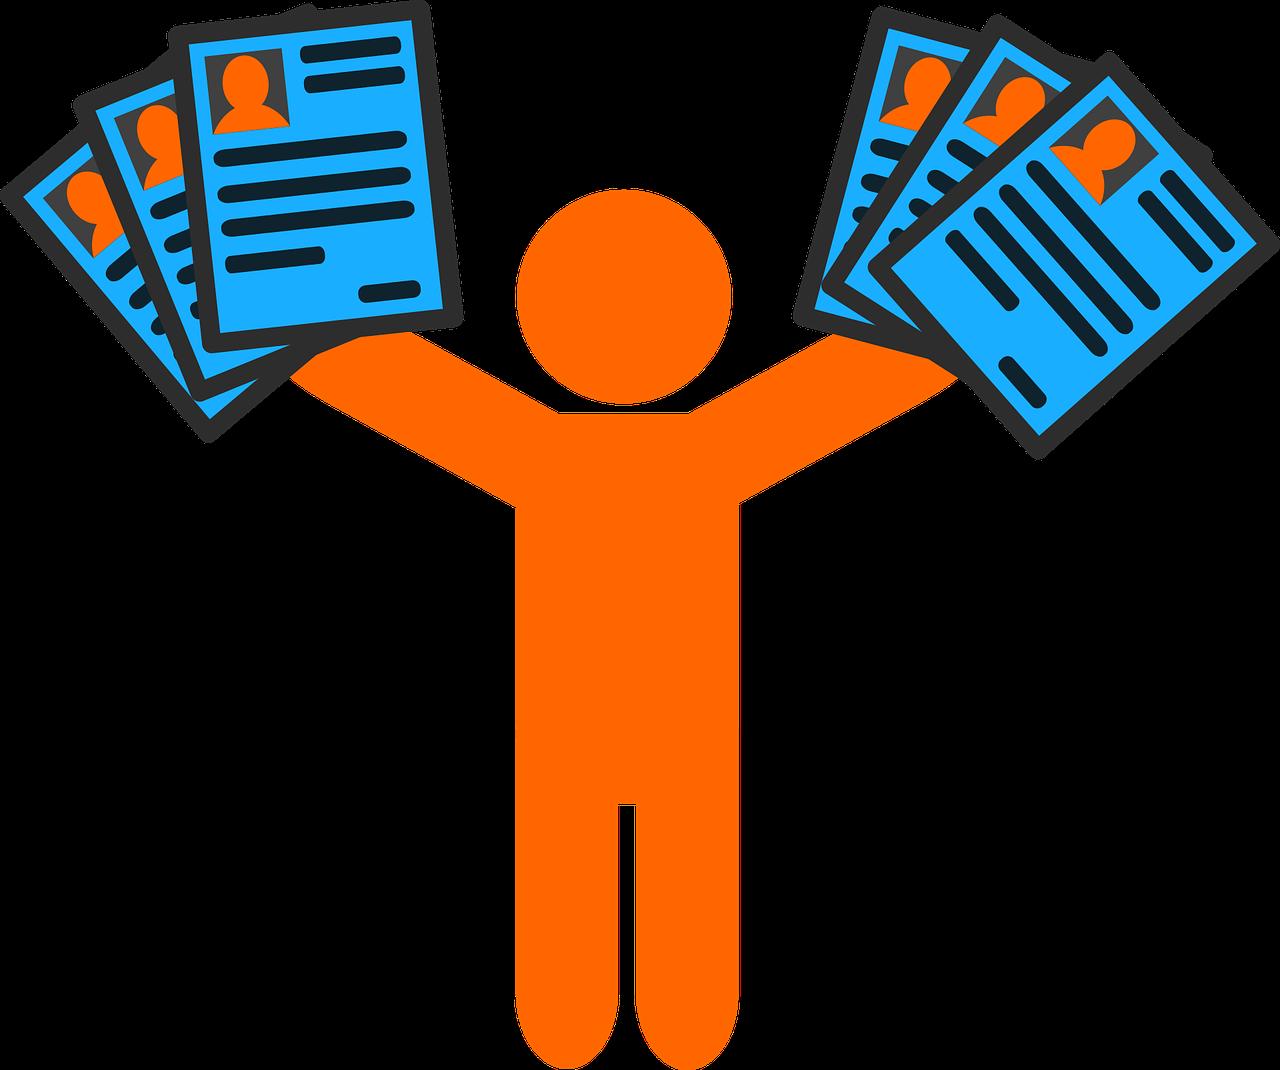 занятость и безработица картинки для презентации как следует